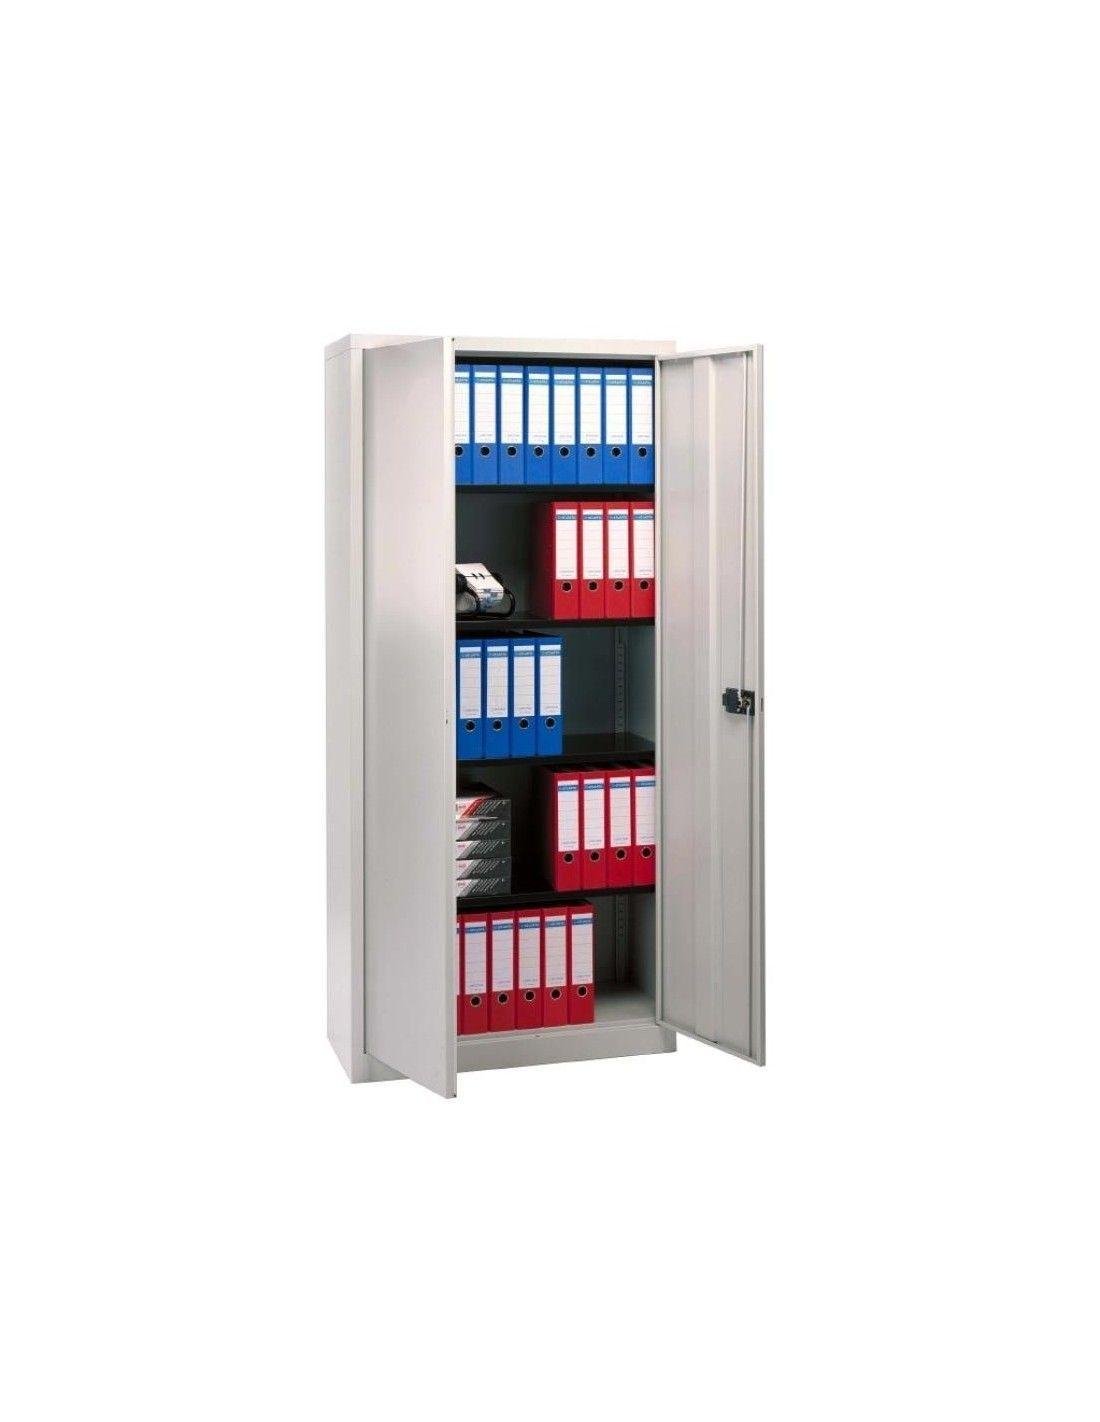 Armario de puertas abatibles con 4 estantes la oficina - Armarios con puertas abatibles ...